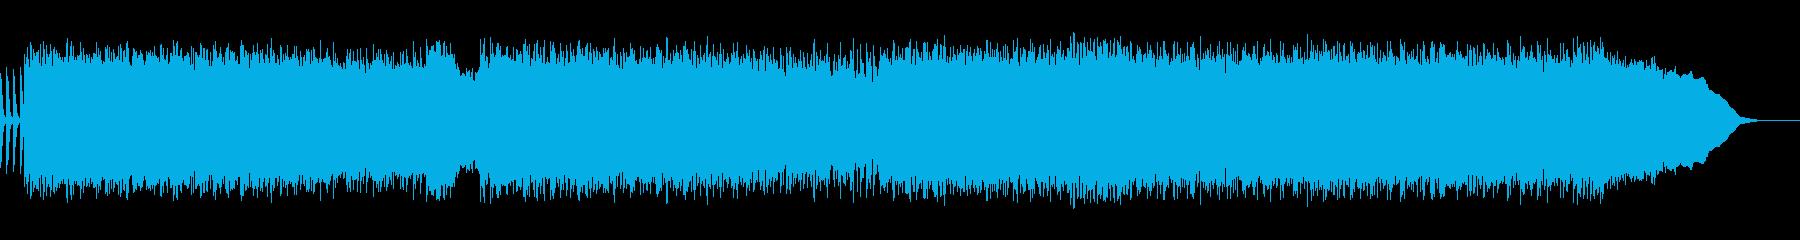 エッジの効いたロッキングポップイン...の再生済みの波形